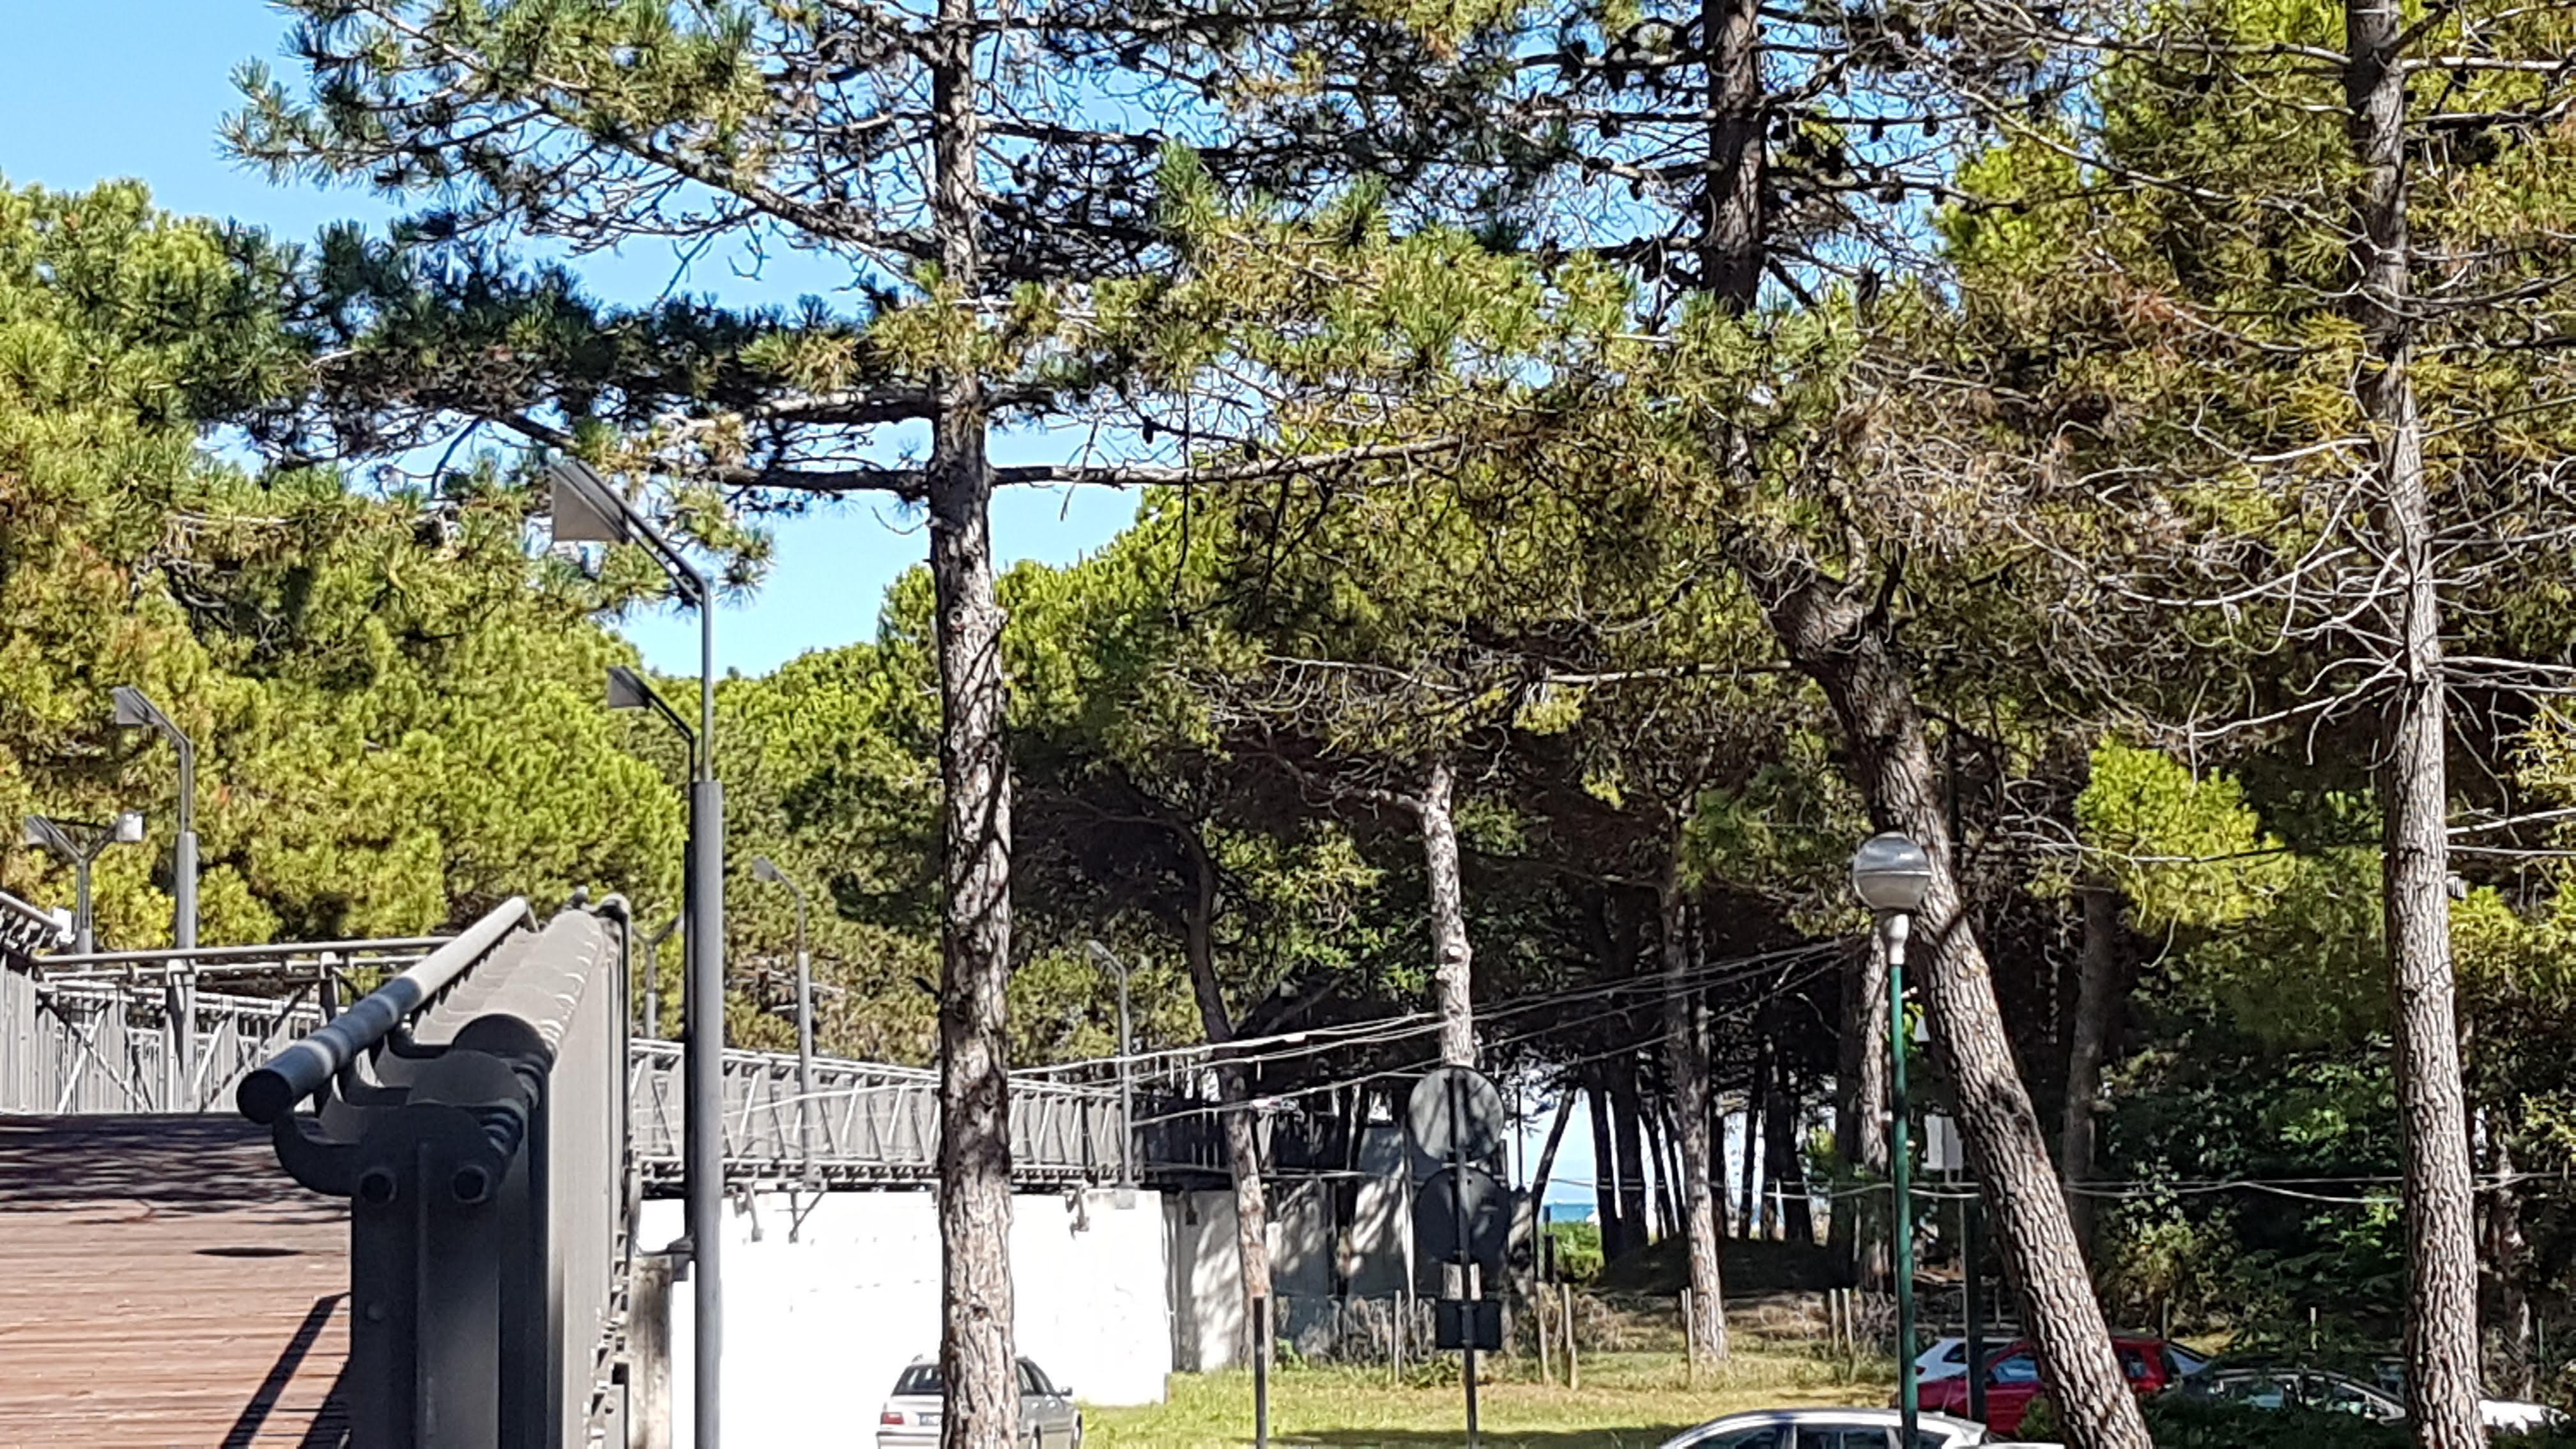 Lignano Pineta Parco Unicef la passeggiata